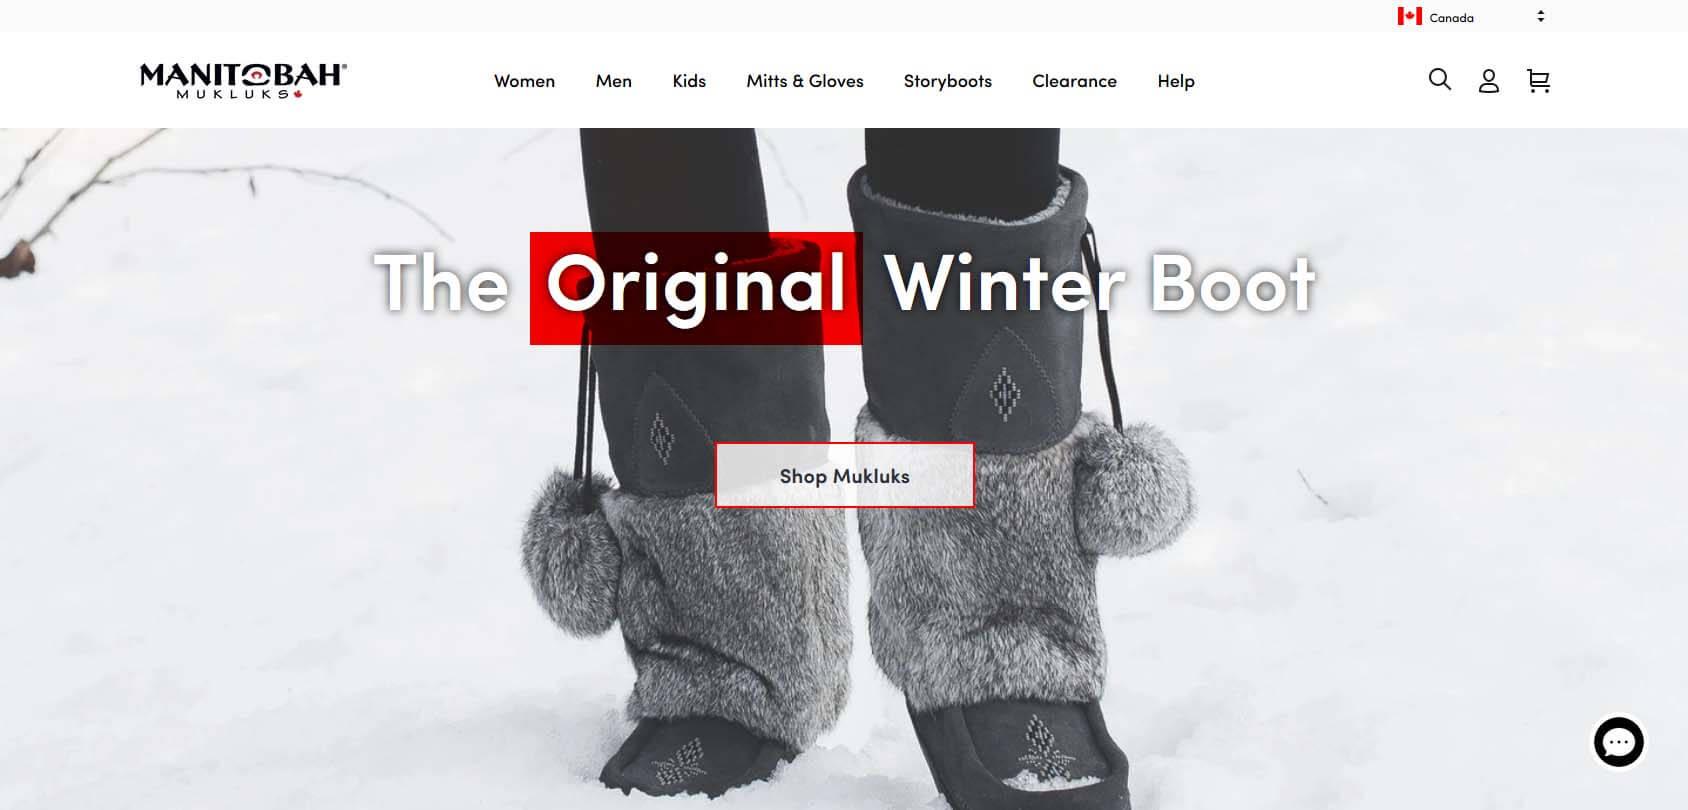 Manitoba Mukluks homepage